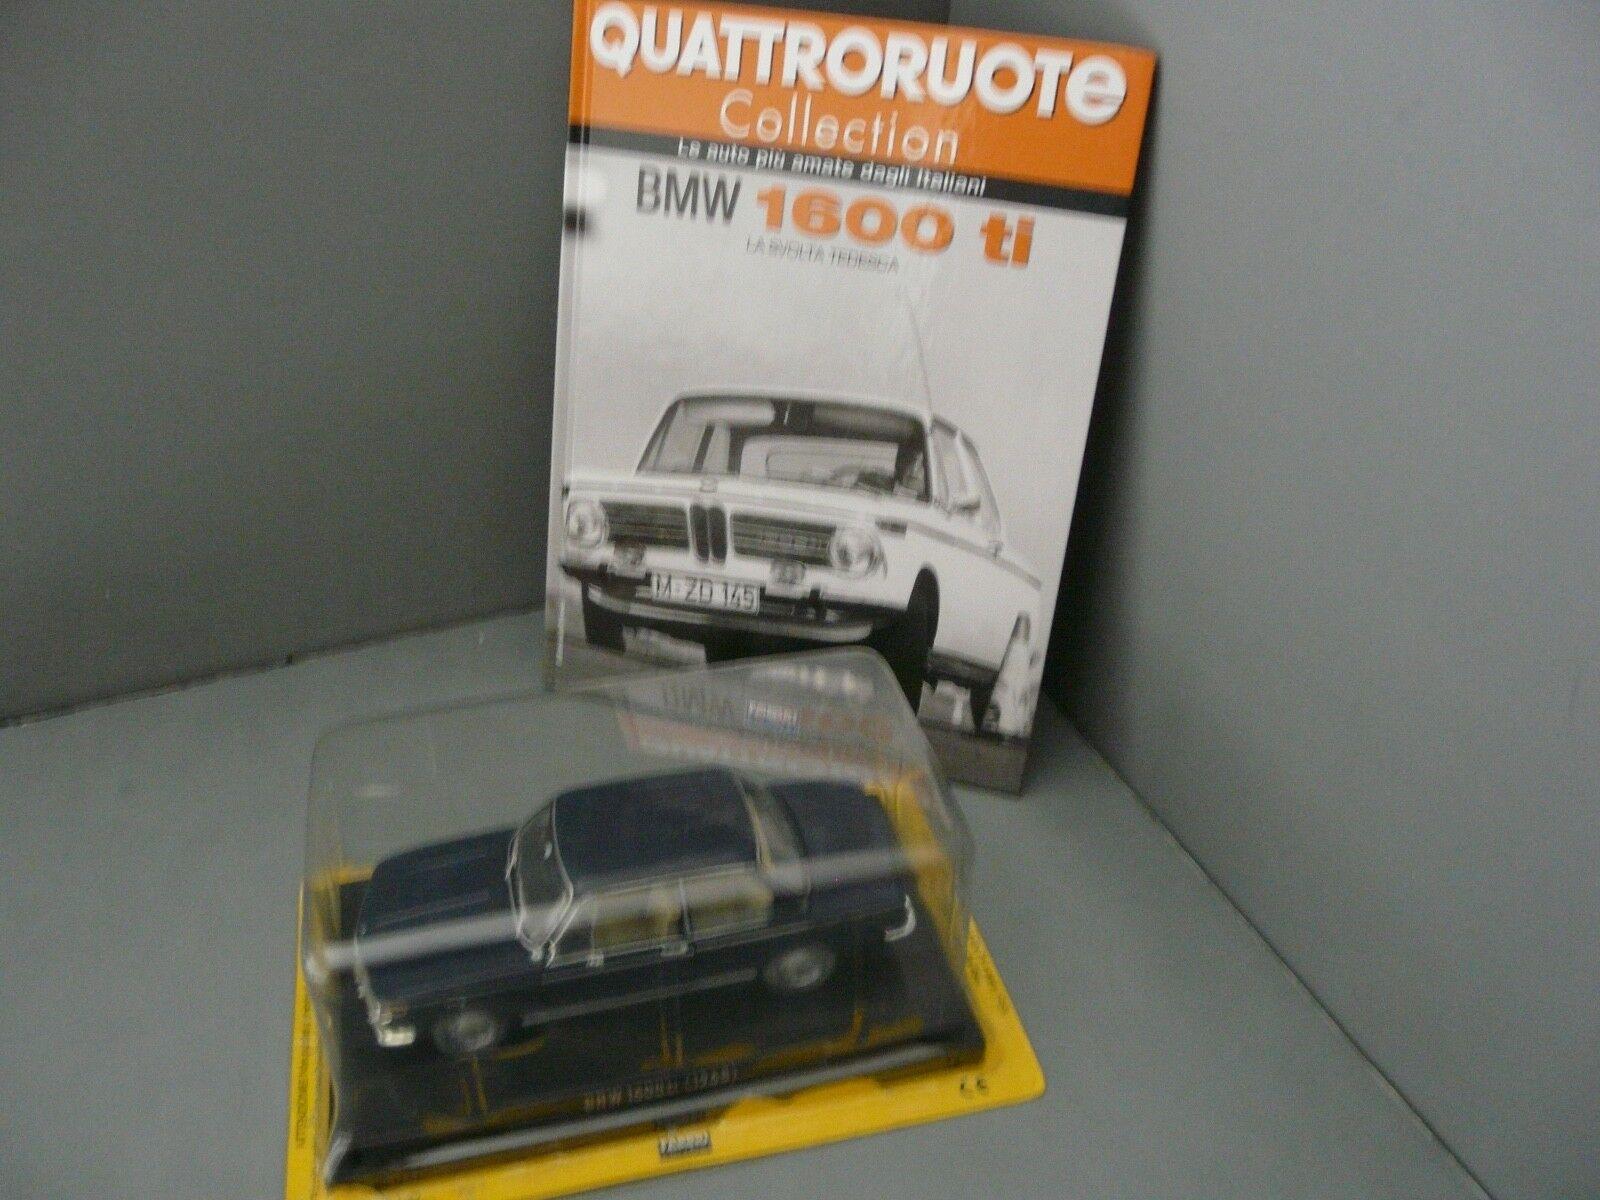 marca de lujo 1 1 1 24 - Quattroruote metro - 1968 BMW 1600ti Azul Marino con Libro (en italiano)  orden en línea